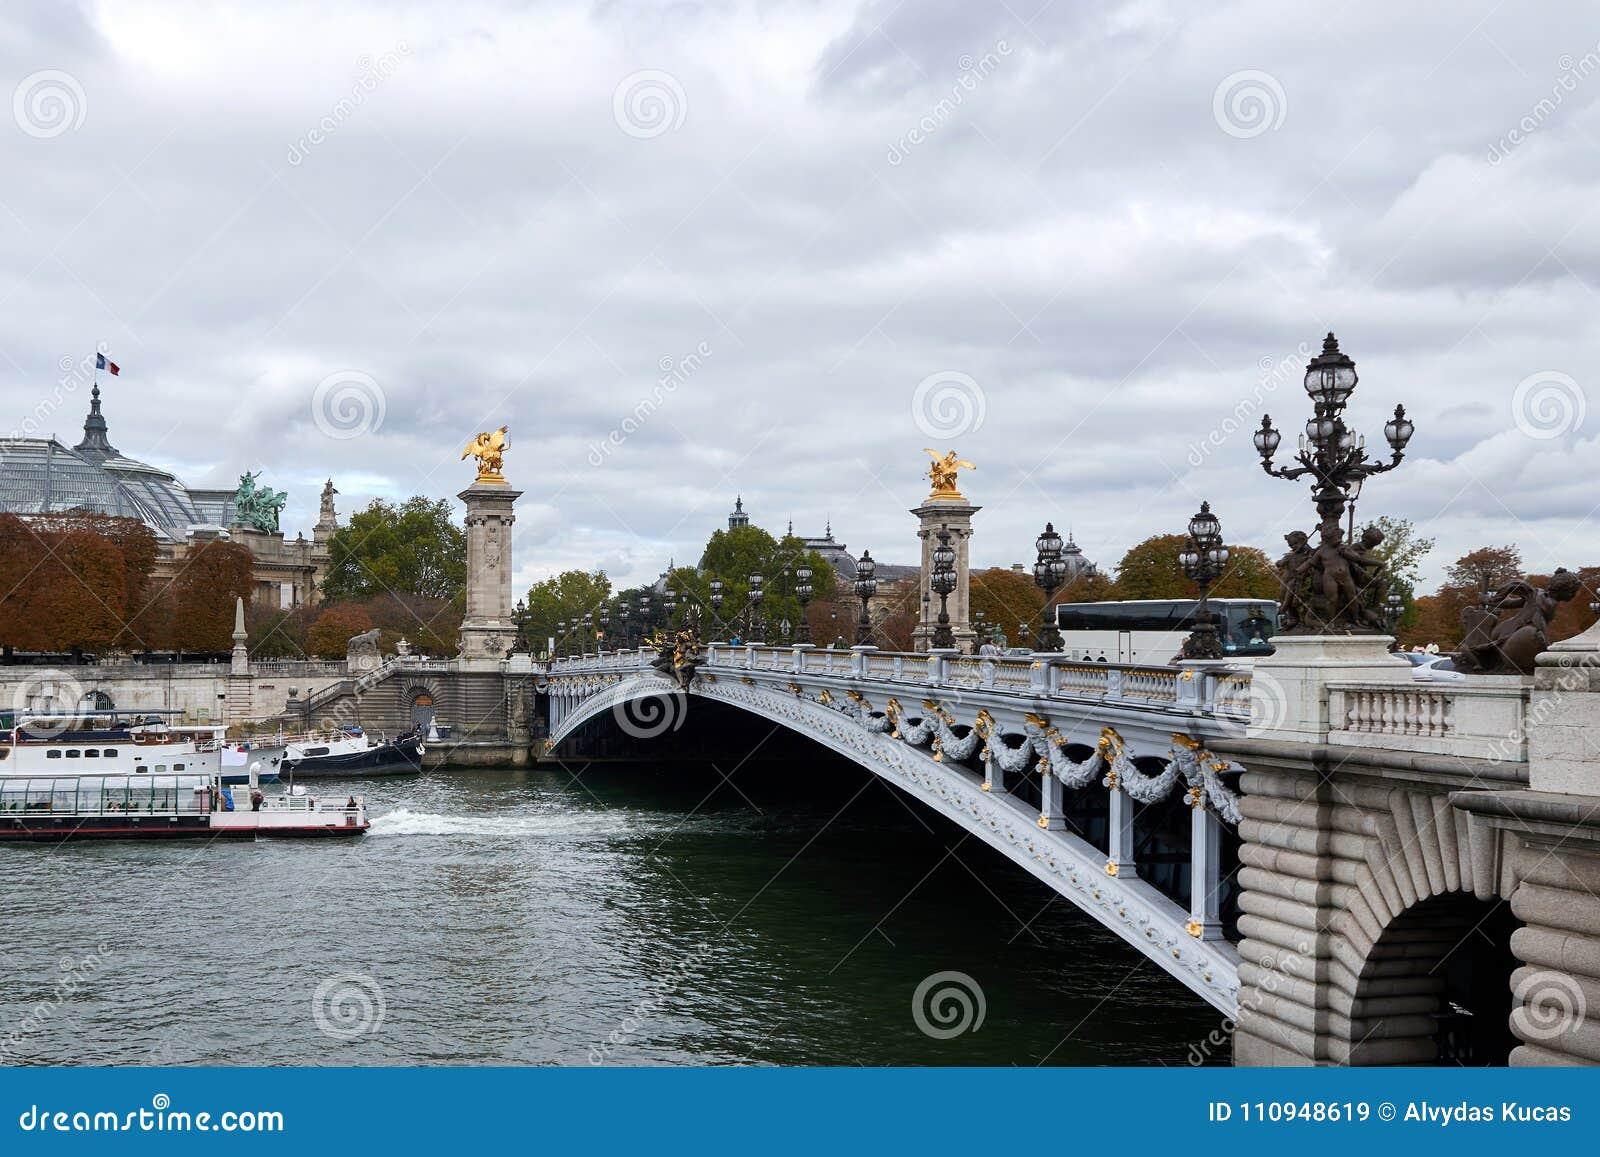 Der Pont Alexandre III ist eine Plattformbogenbrücke, die die Seine in Paris überspannt